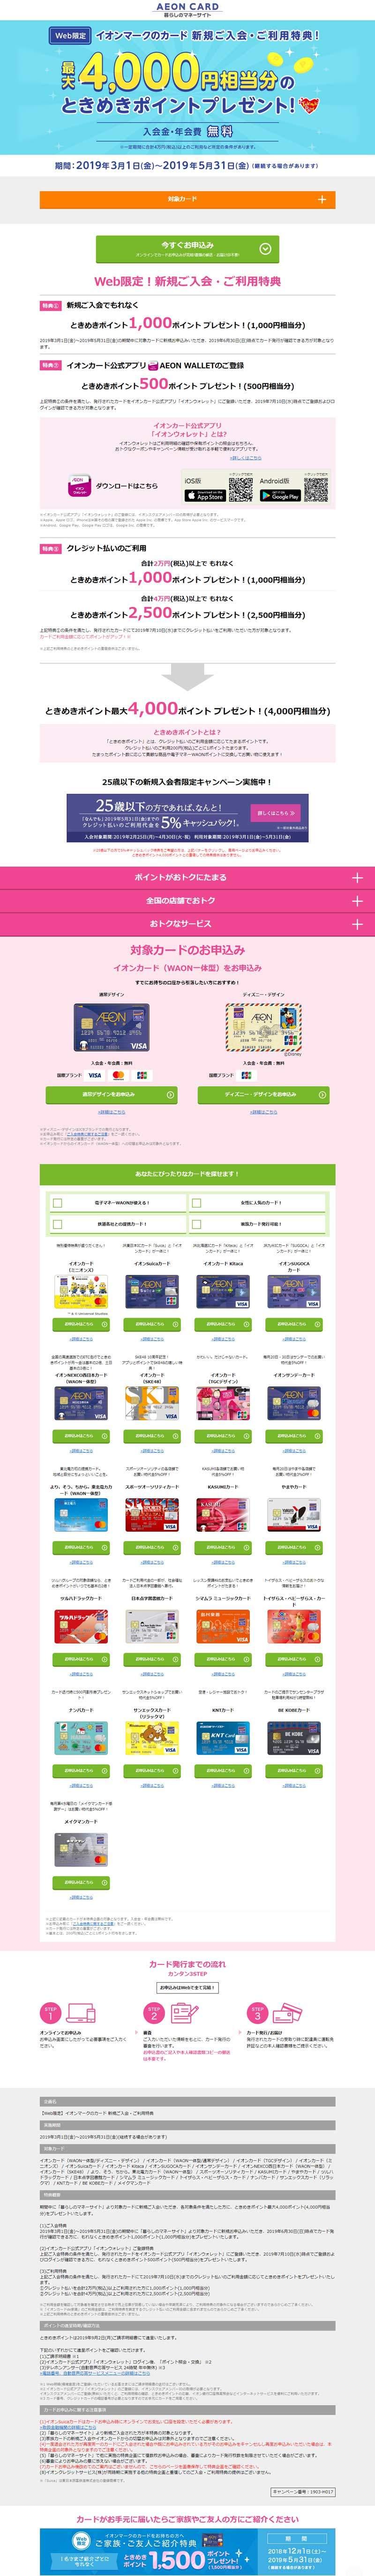 イオンカード(WAON一体型)、2019年3月1日(金)~2019年5月31日(金)までの新規入会申込みキャンペーンページのキャプチャー画像